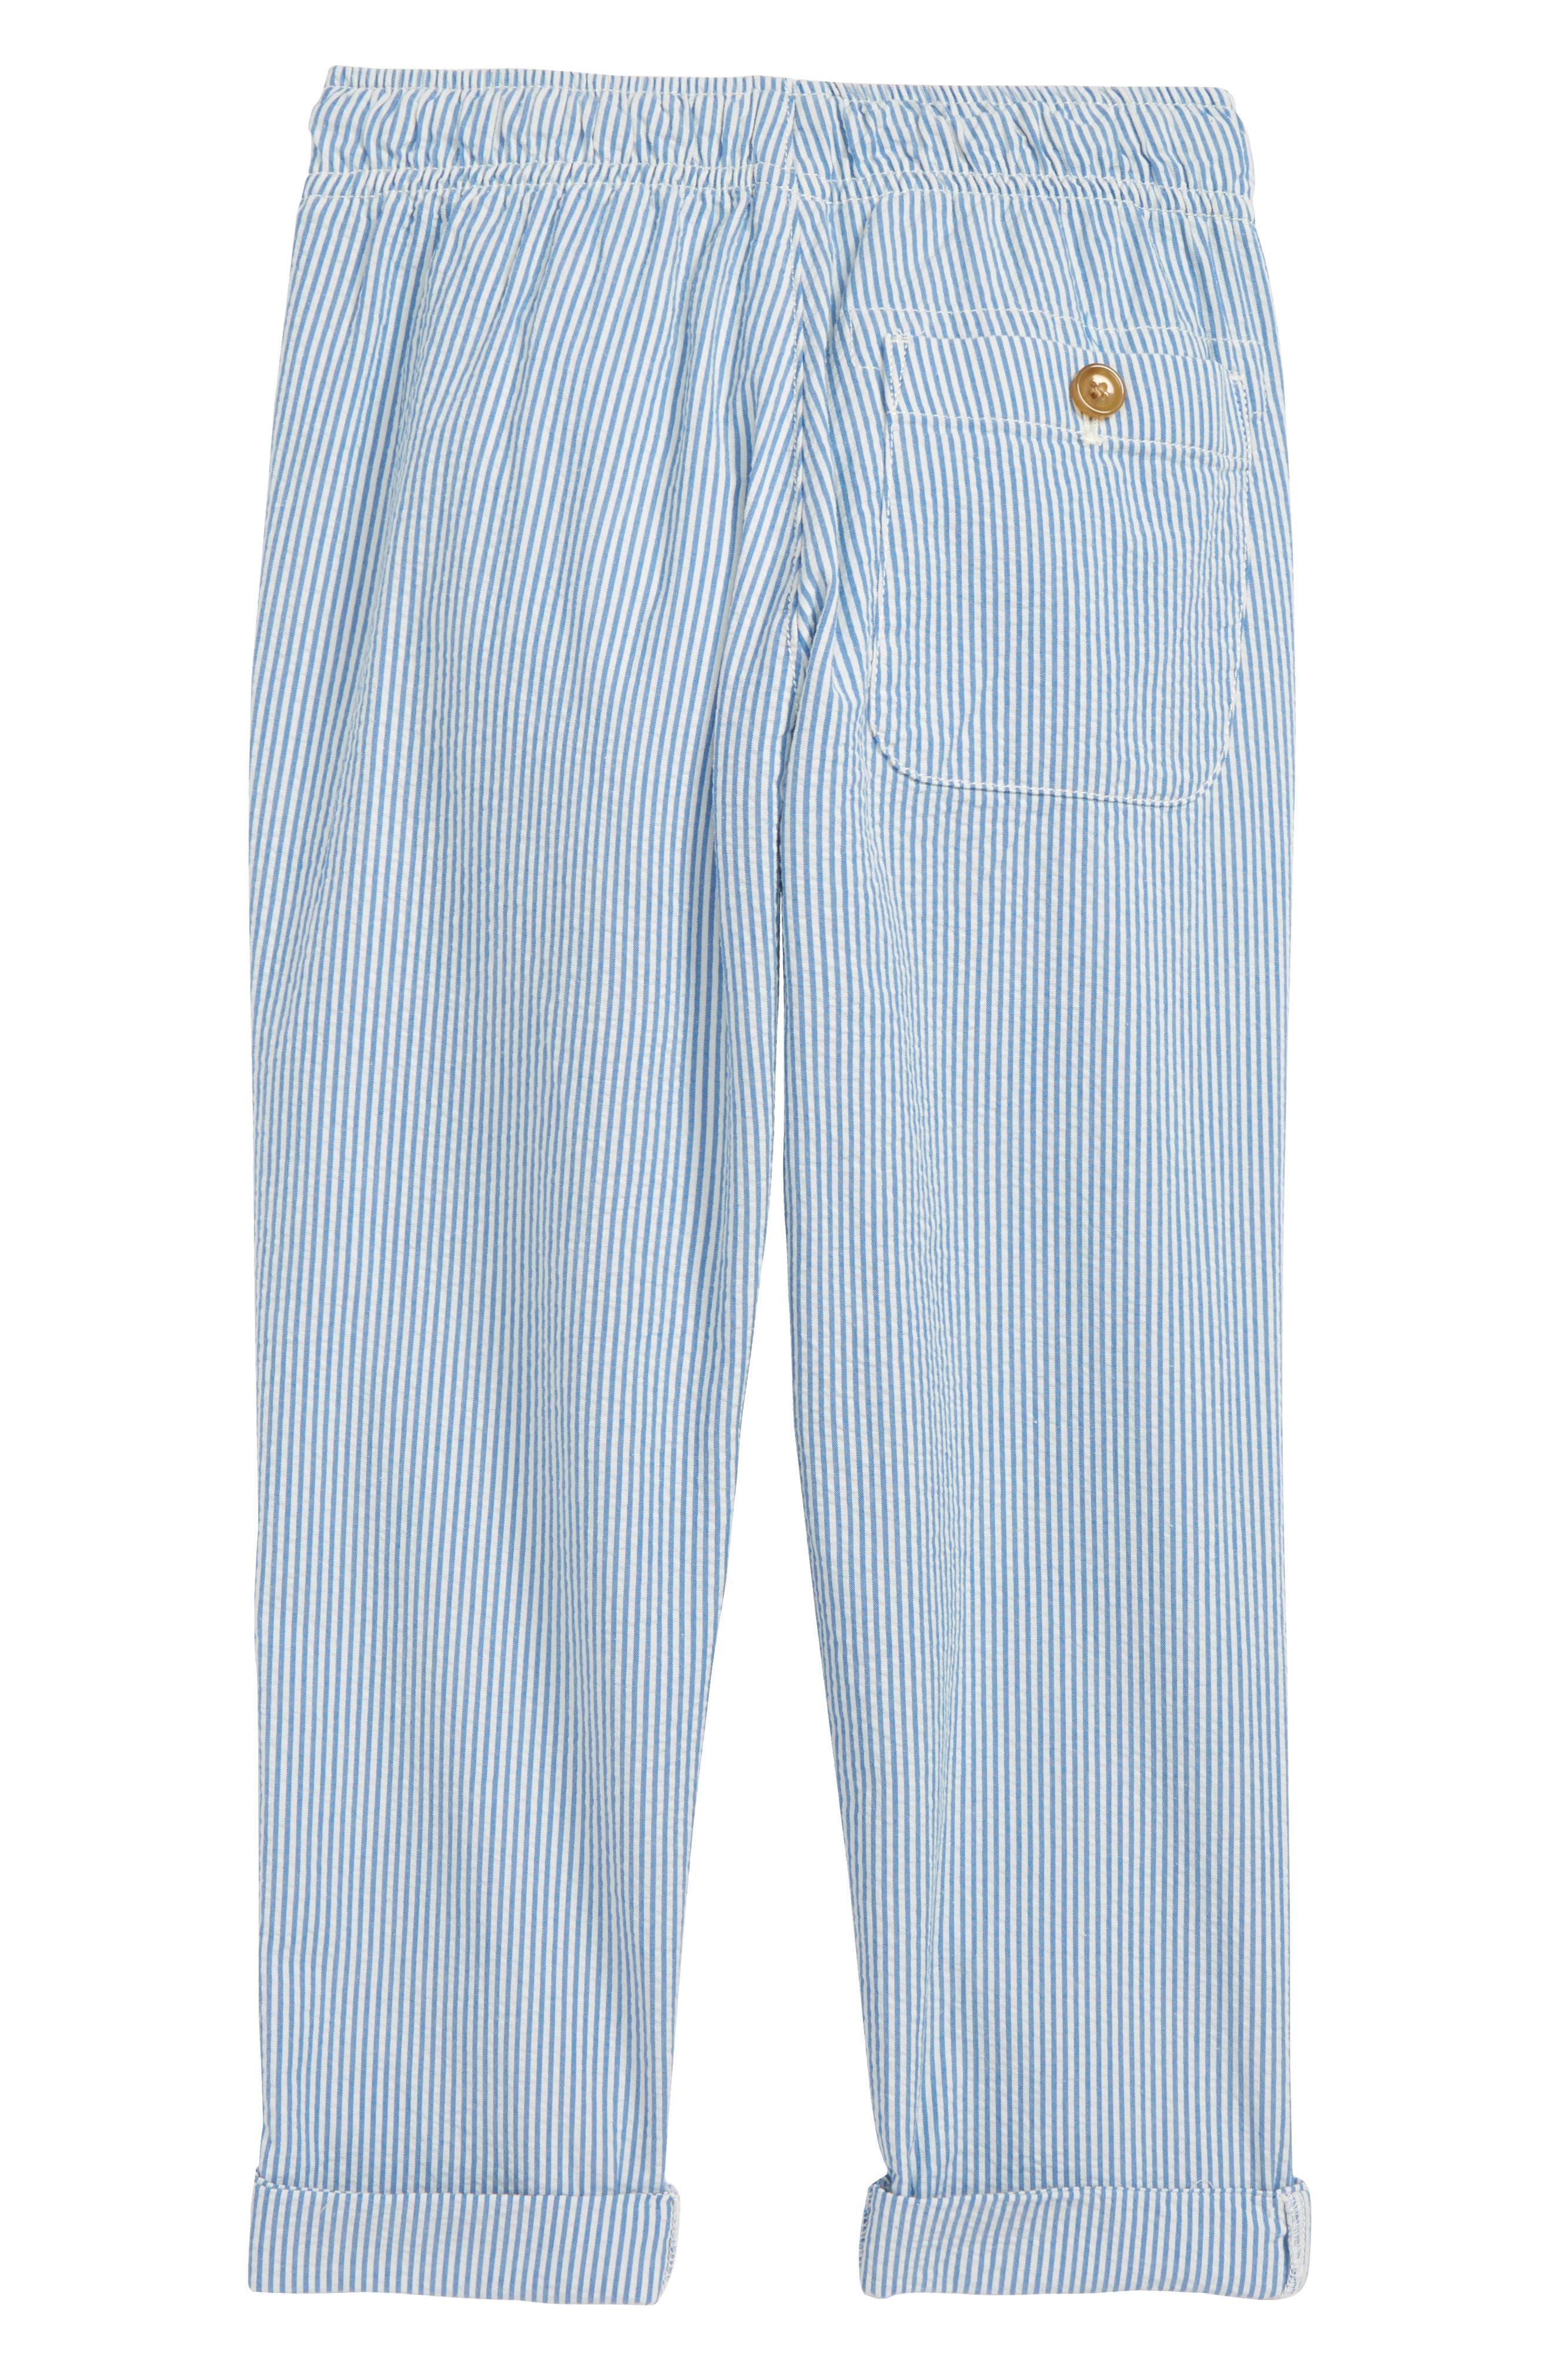 Seersucker Pants,                             Alternate thumbnail 2, color,                             Crisp Azure White